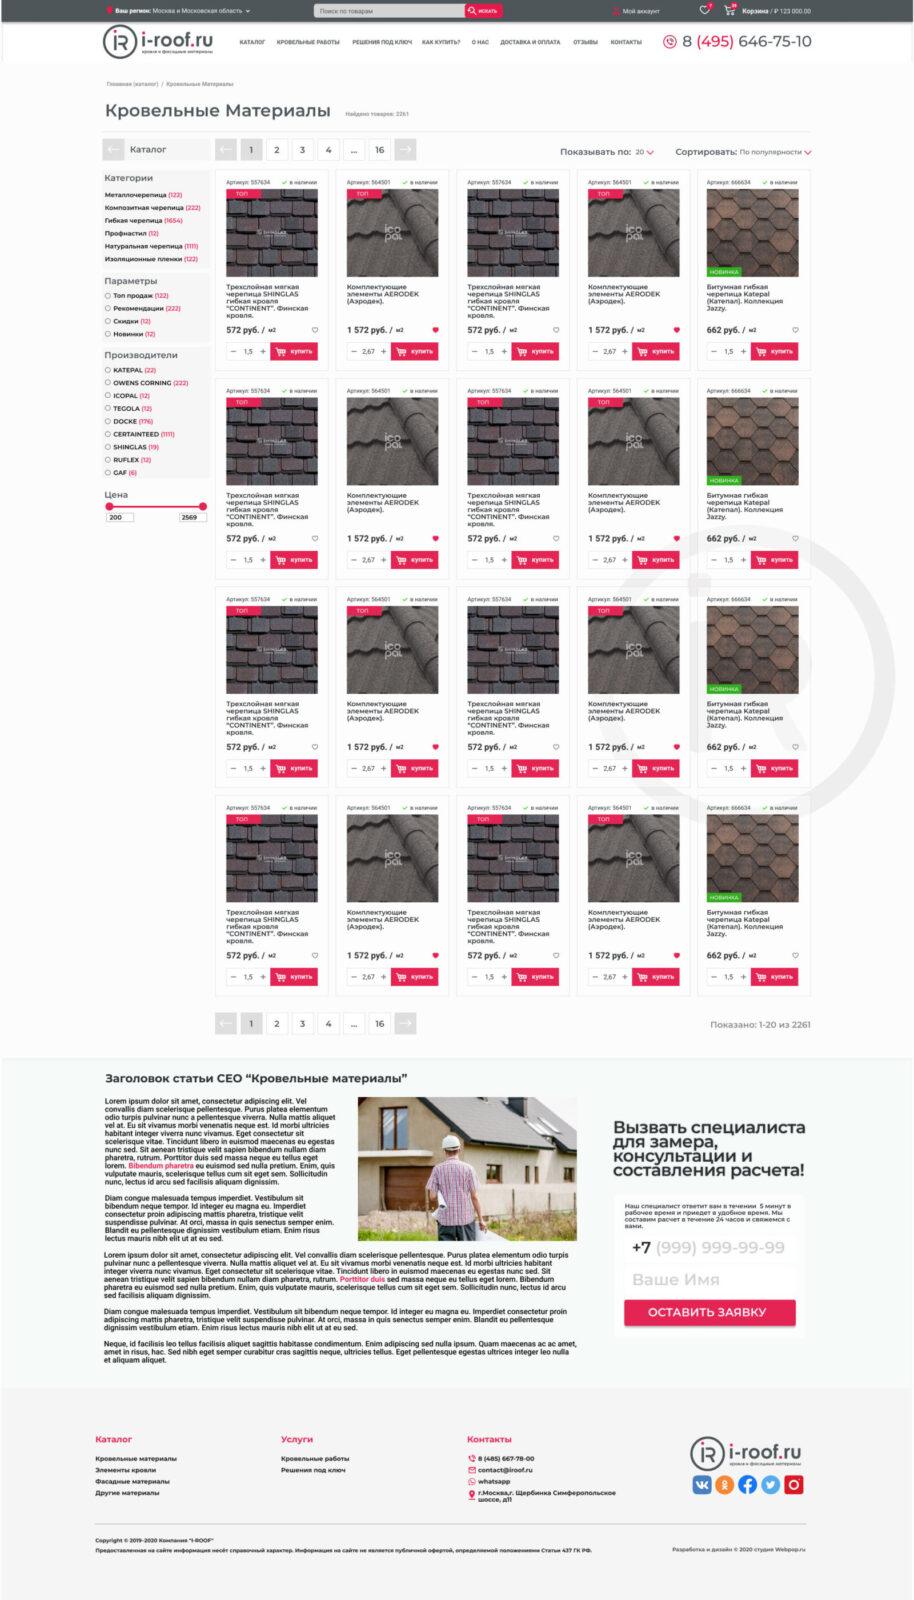 Разработка и фирменный стиль интернет-магазина